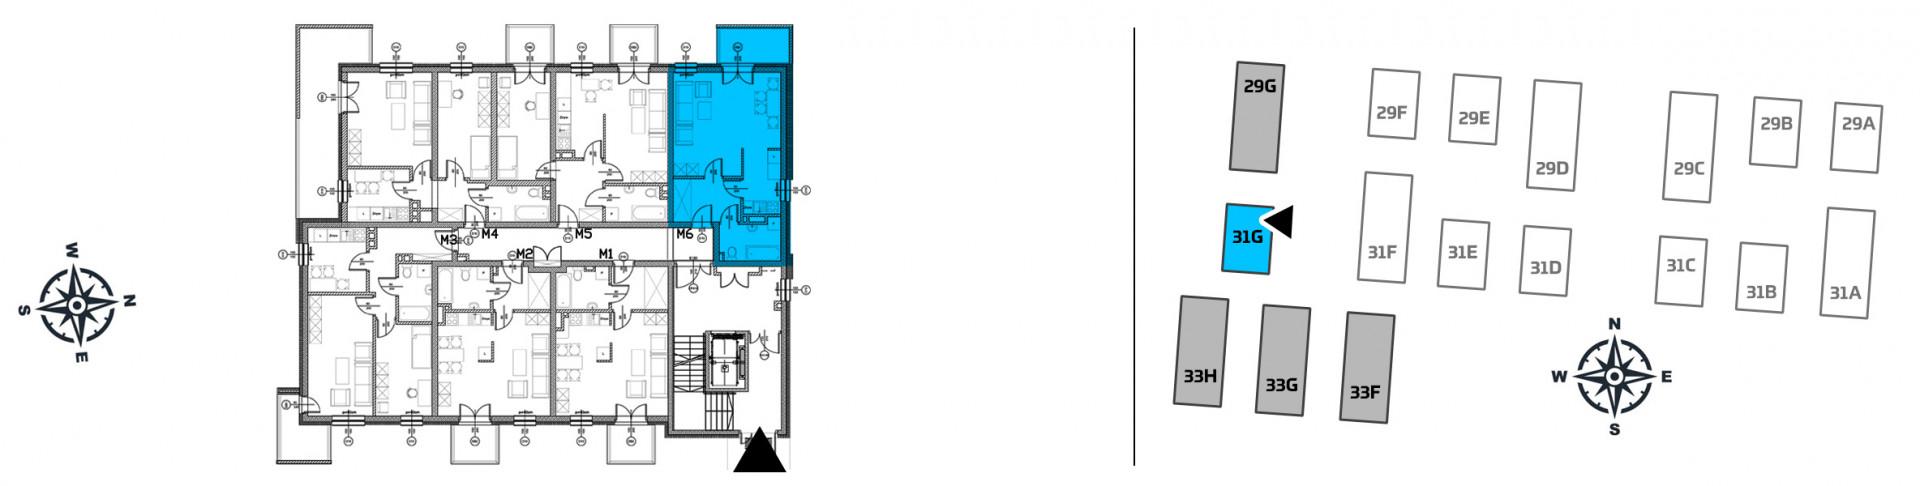 Mieszkanie jednopokojowe 31G/6 rzut 2